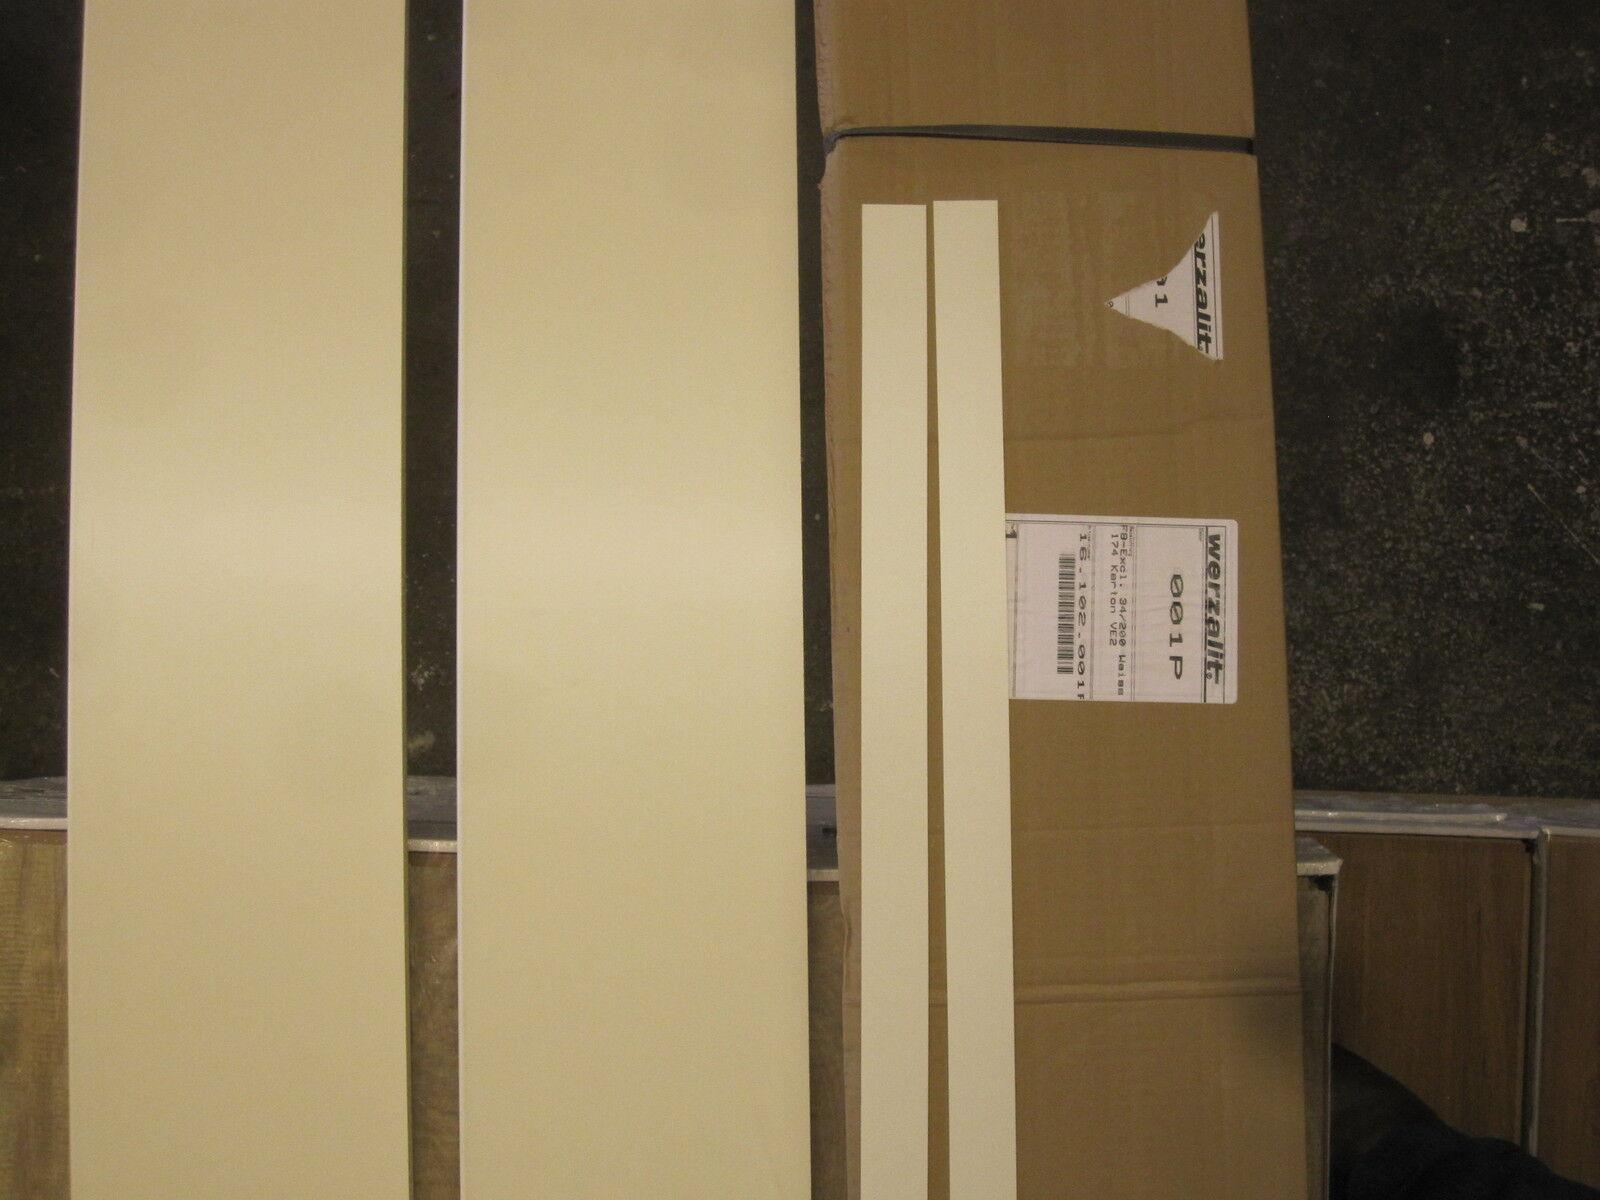 2x werzalit fensterbank weiss laminat innenfensterbank restposten holz 174x30 cm ebay. Black Bedroom Furniture Sets. Home Design Ideas